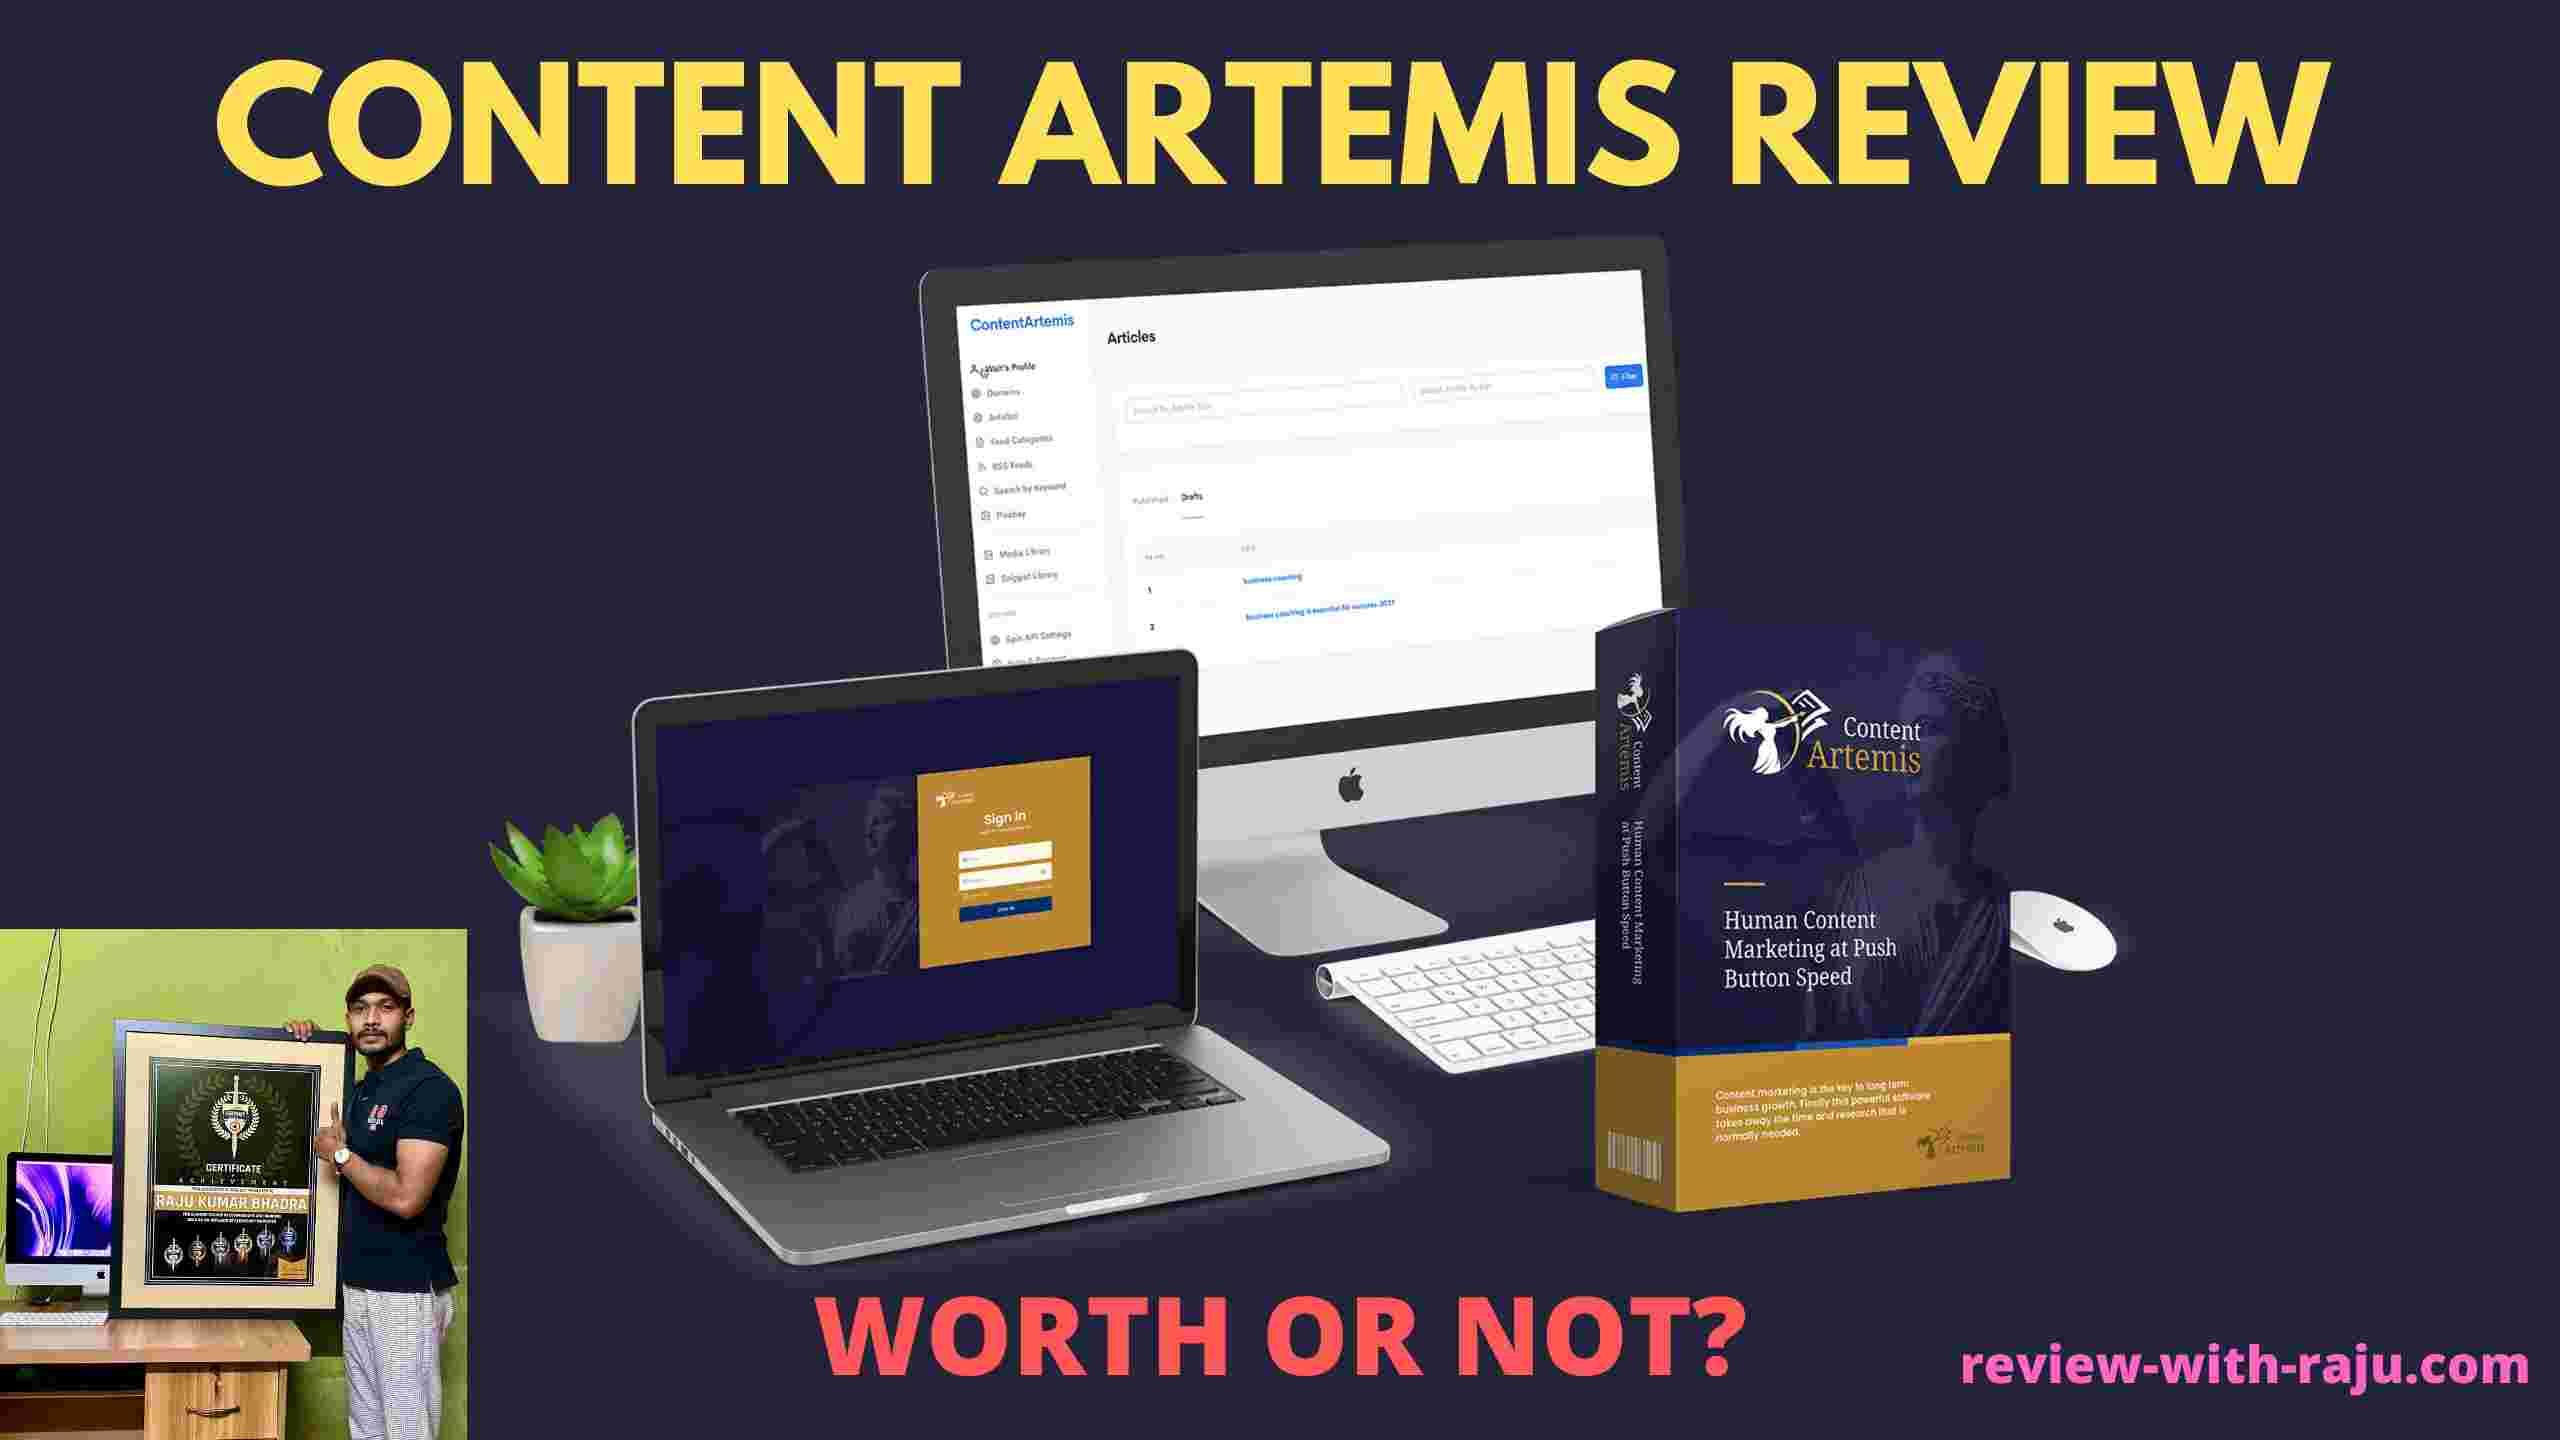 Content Artemis Review - Is IT Scam or Legit? - (Walt Bayliss)